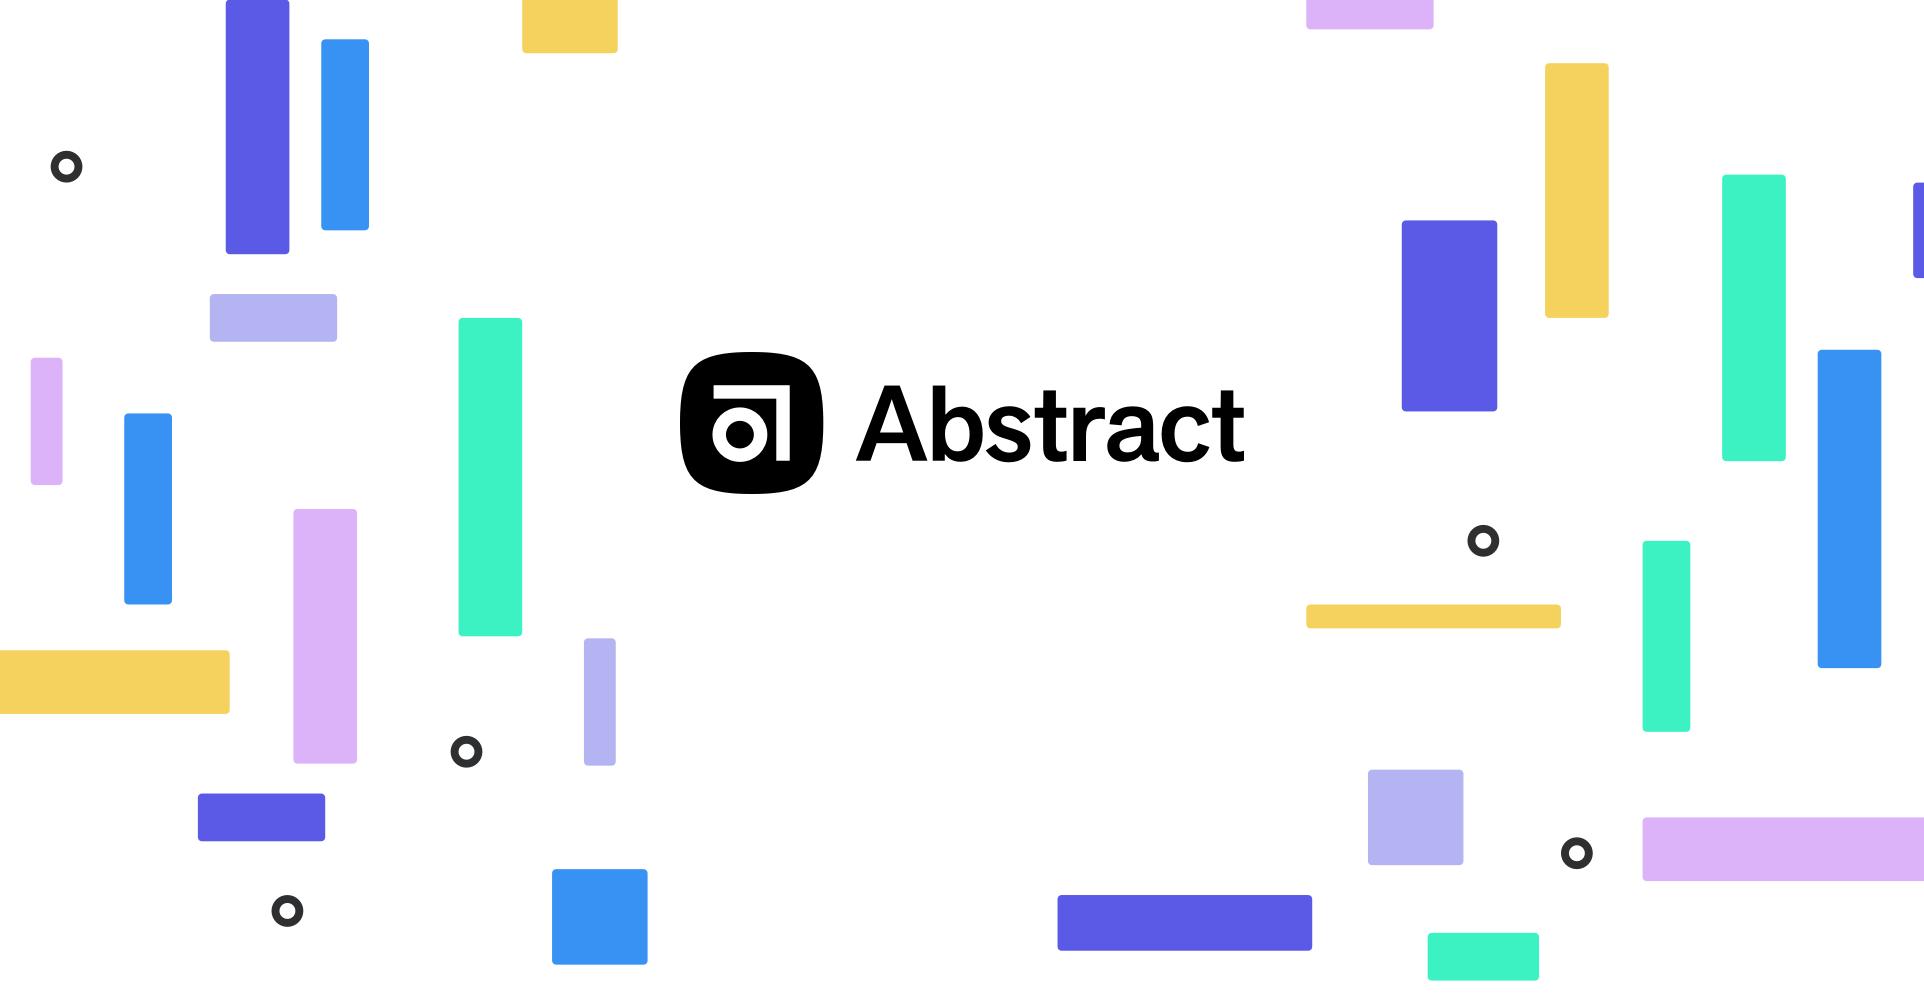 Abstract: Tasarım Süreçleri Artık Çok Daha Hızlı!